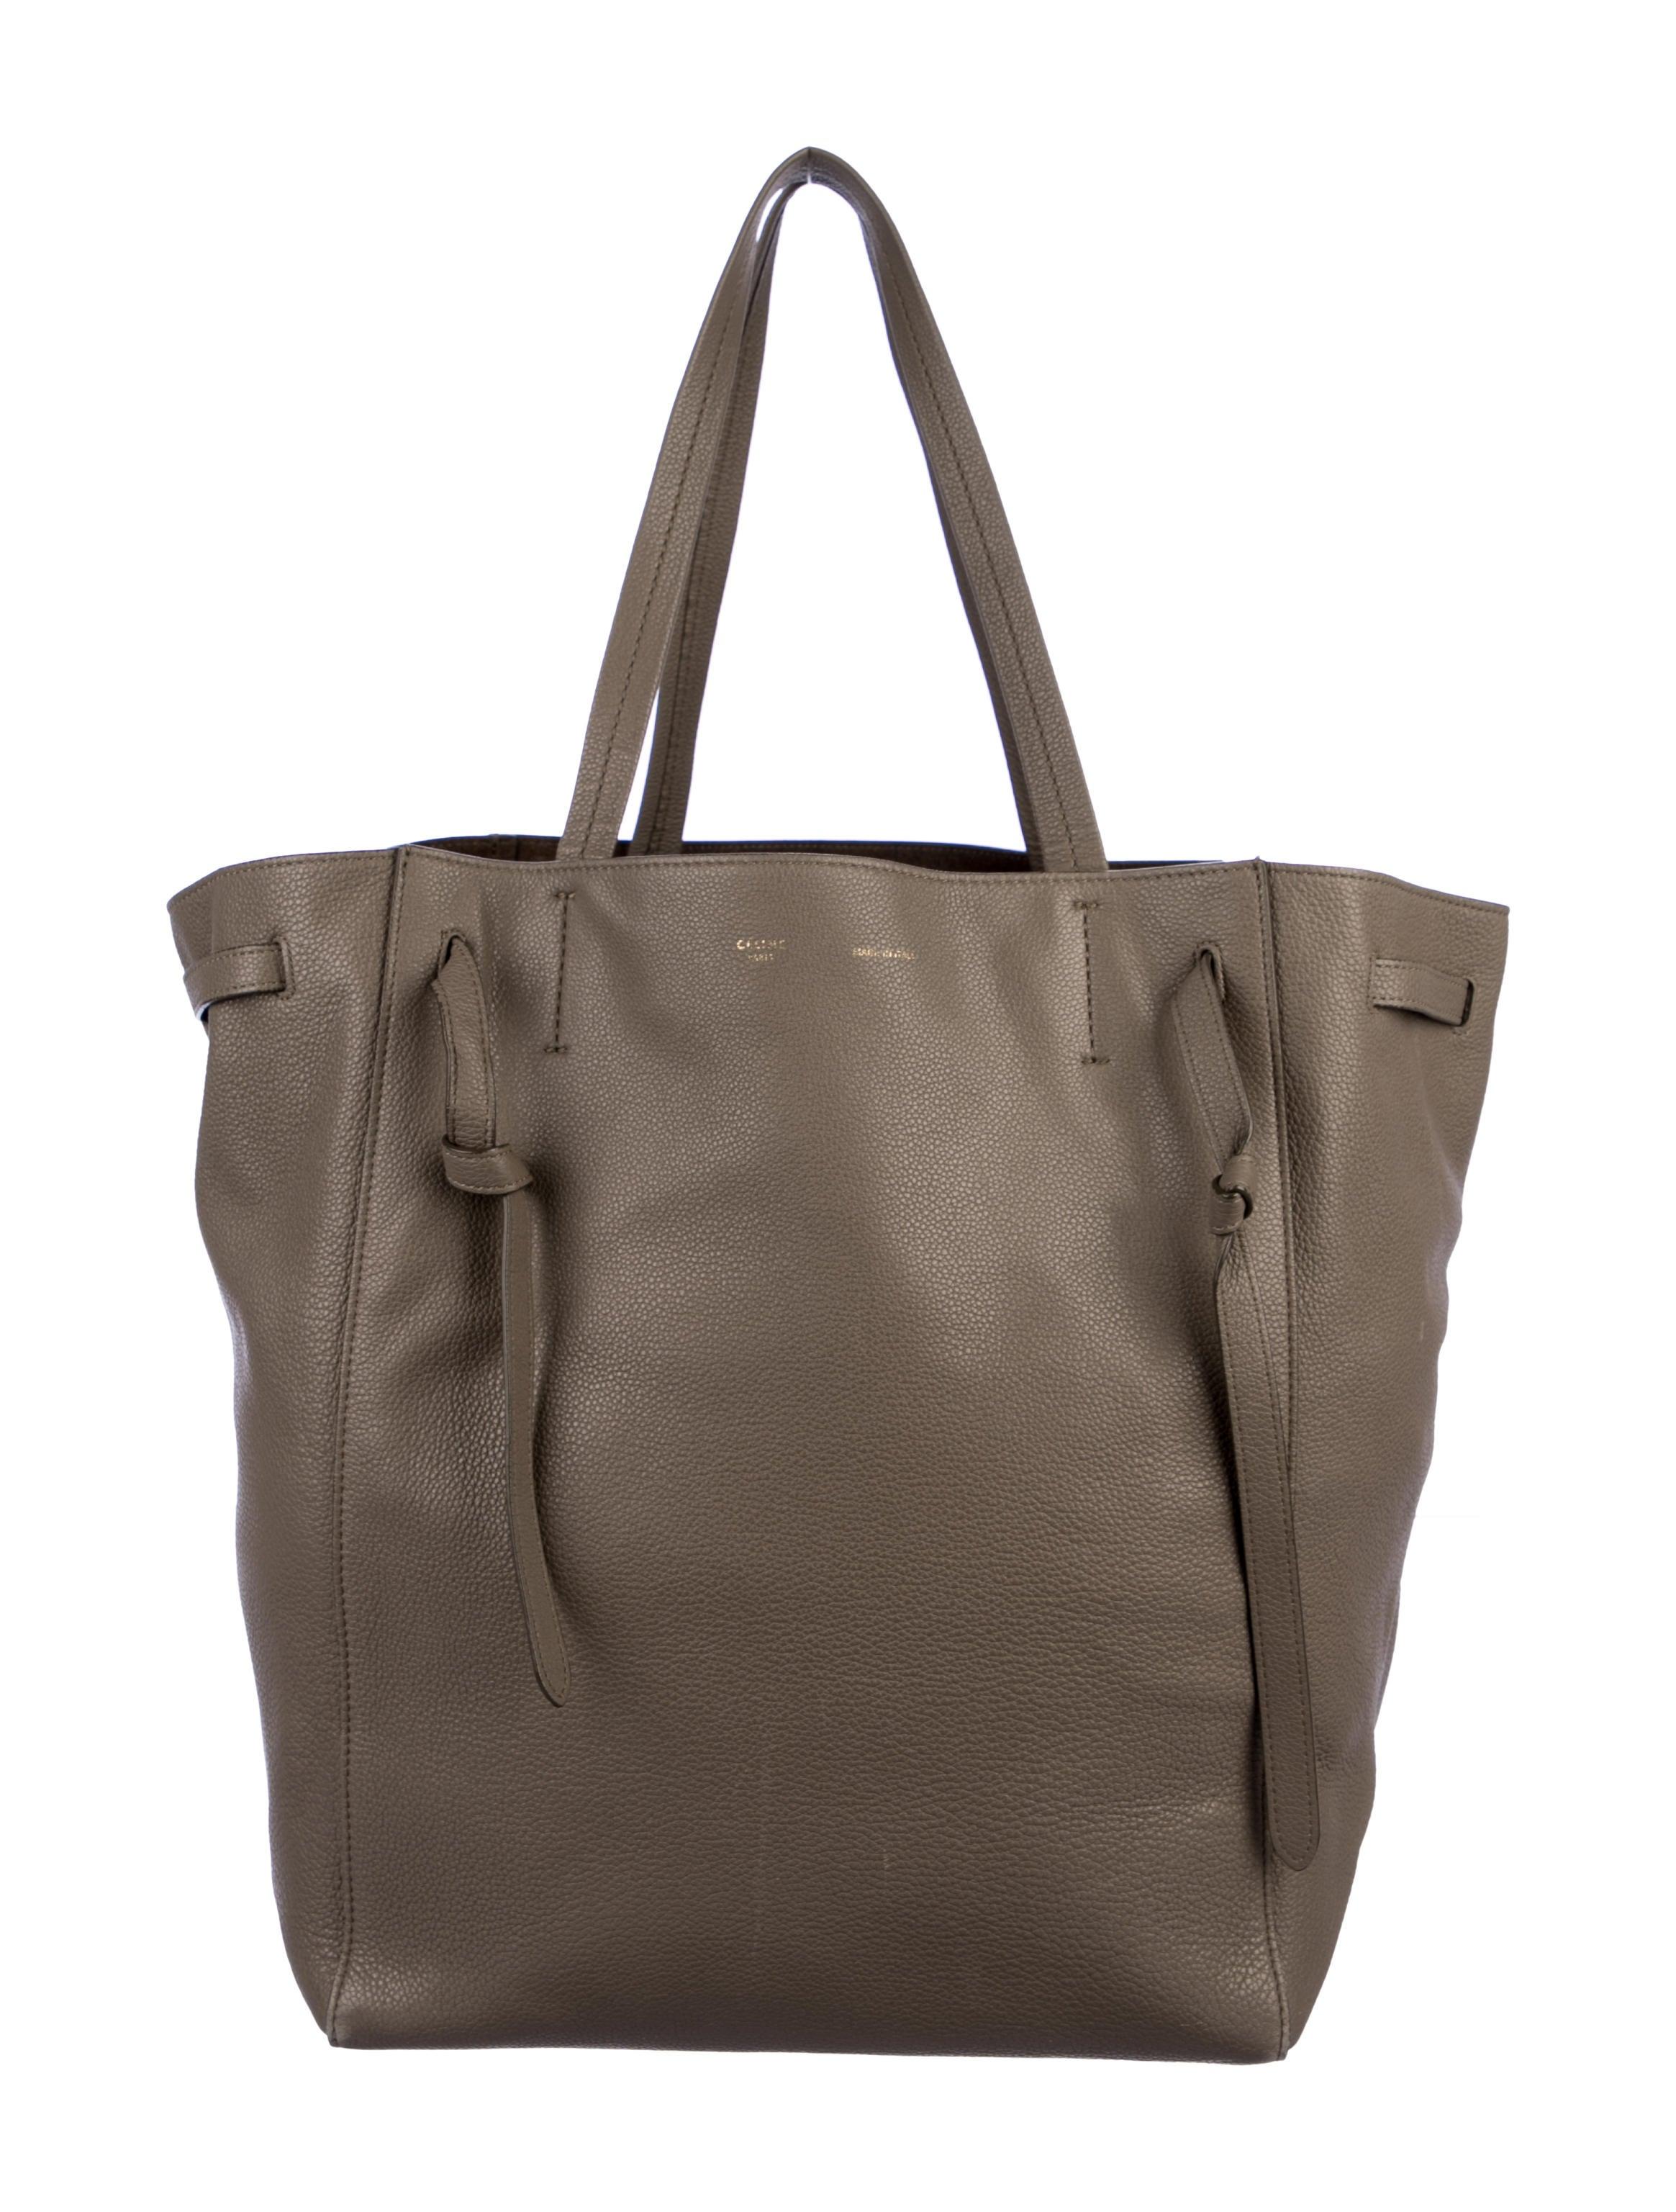 c389136cafb6 Celine Handbags | The RealReal